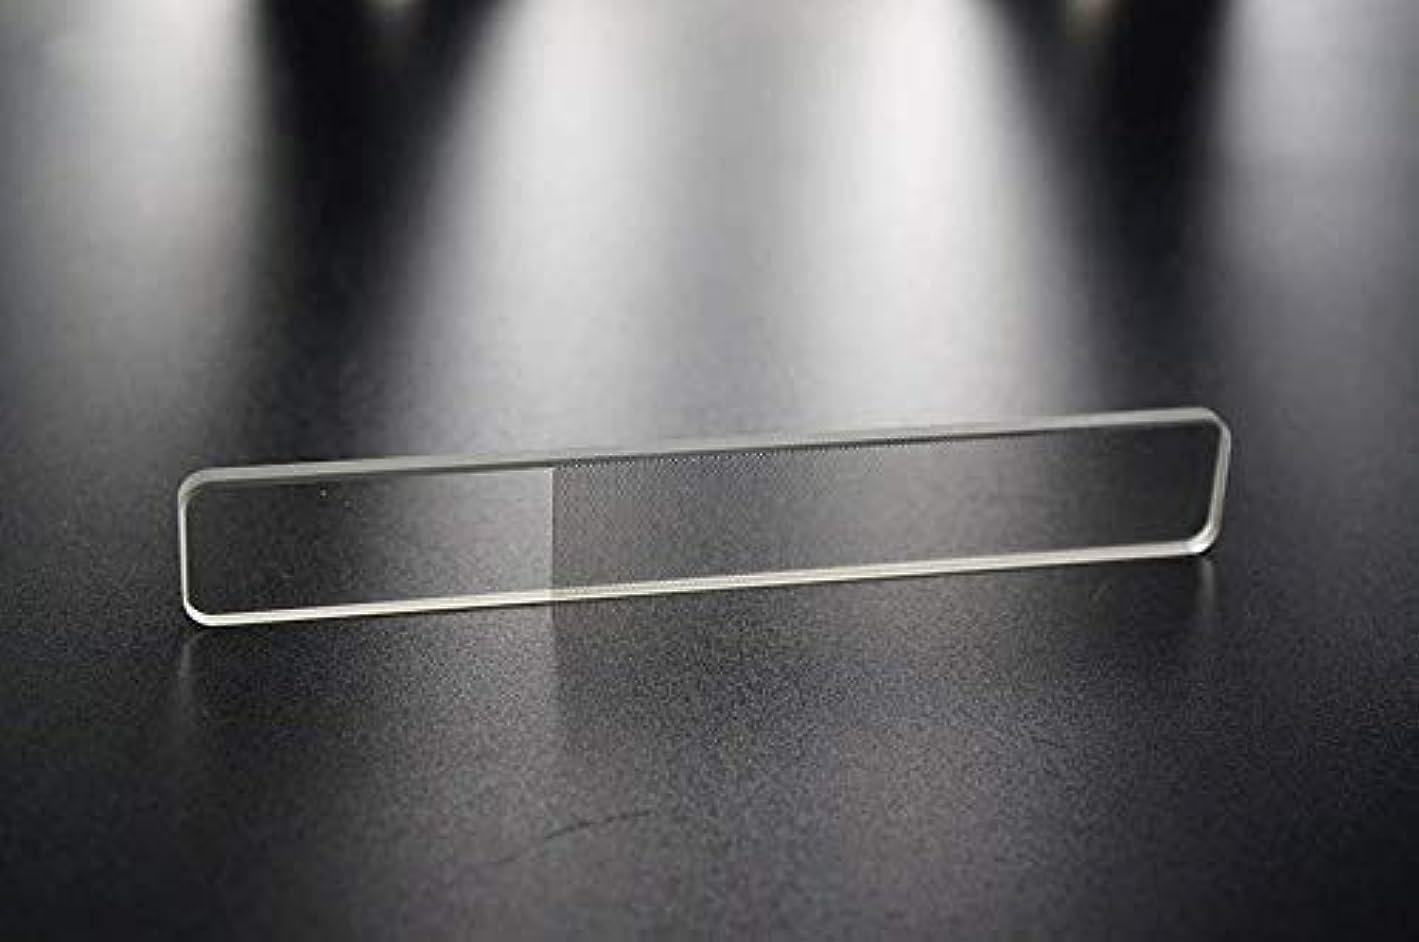 捕虜鮮やかな救出爪やすり 爪磨き ガラス製 ネイルシャイナ つめみがき ネイルケア ナノ技術が生んだ全く新しい つめやすり (爪)